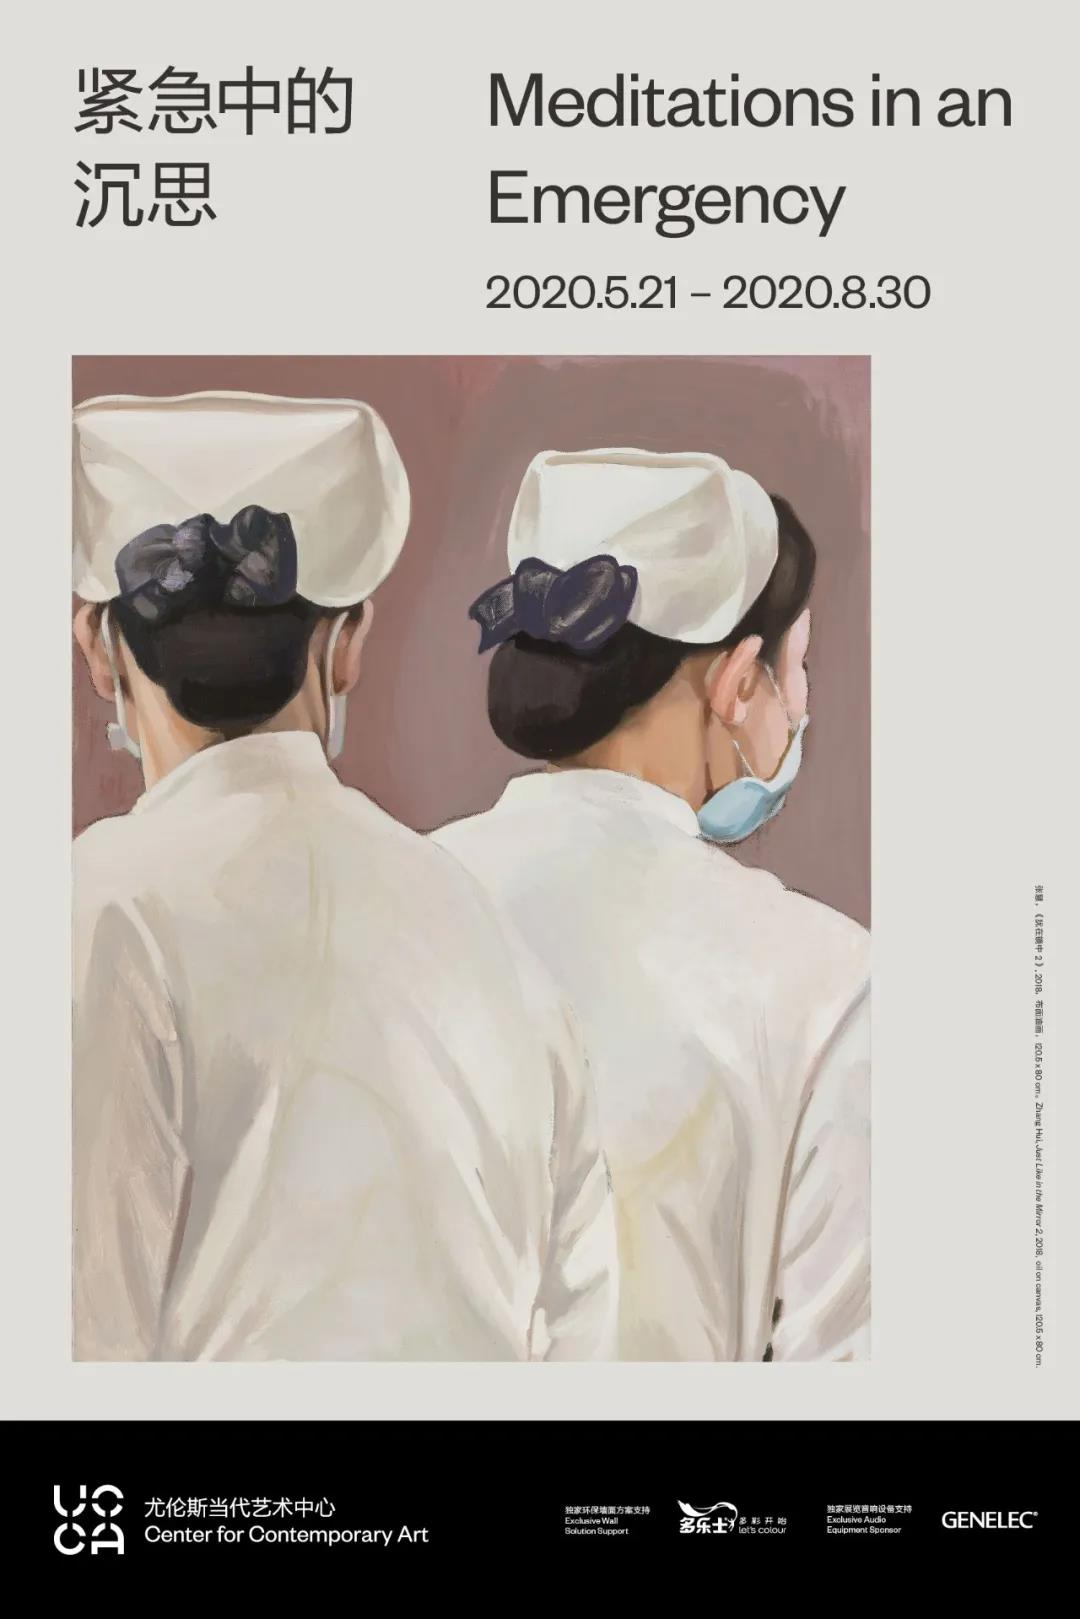 天富代理:伦斯当代艺术中天富代理心重开年度大图片